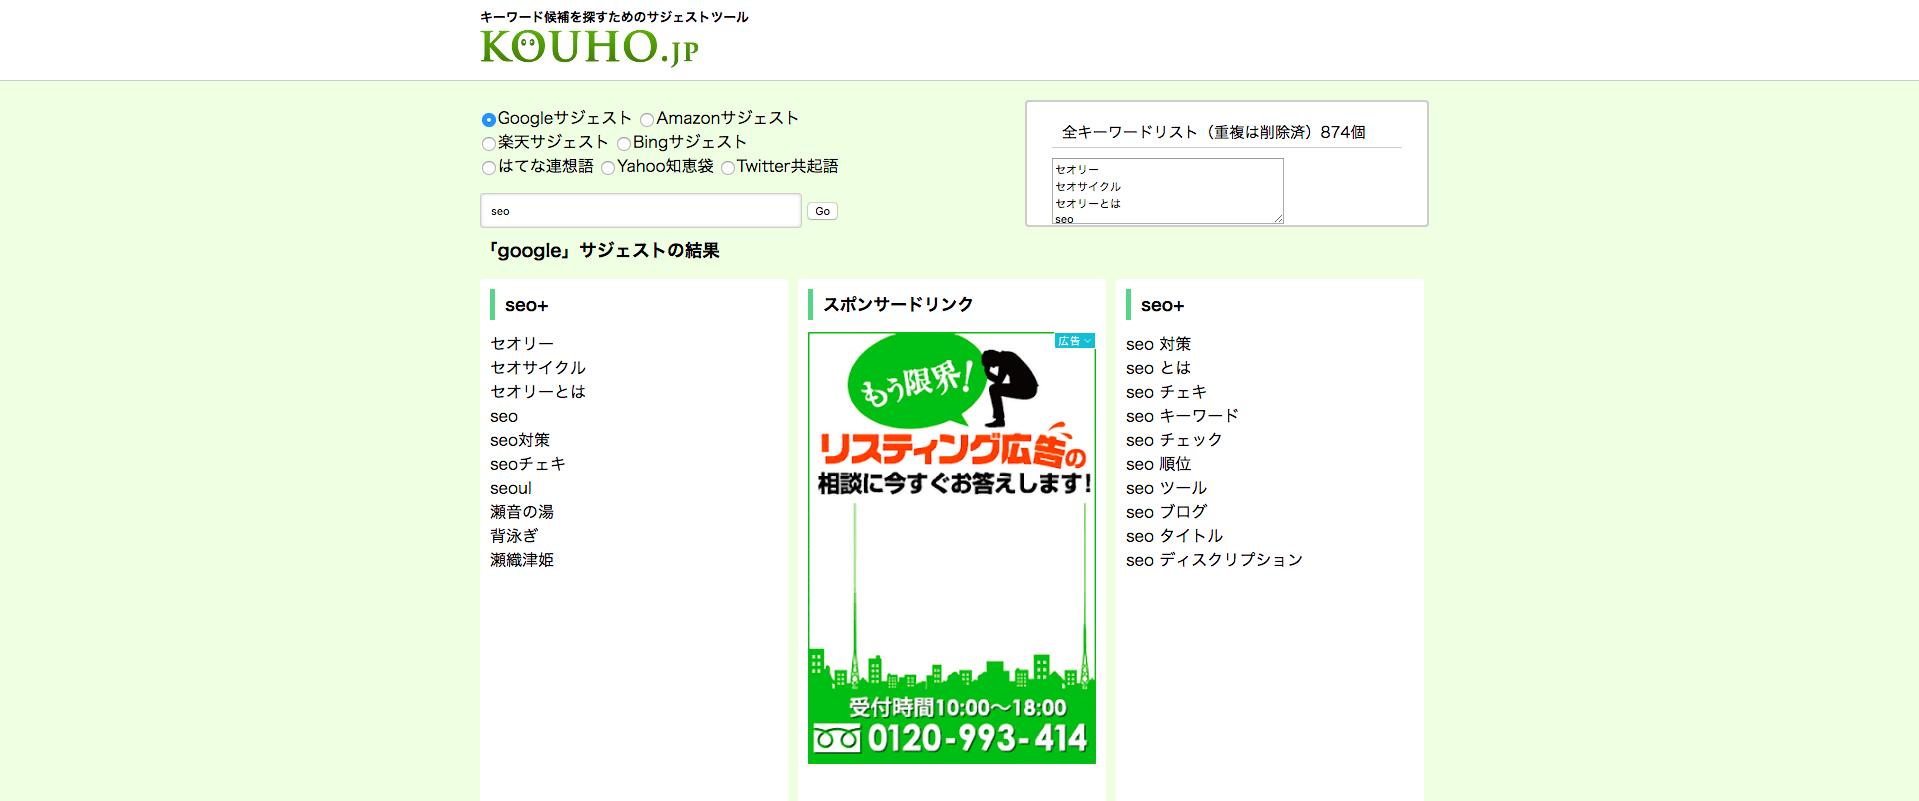 KOUHO.jp